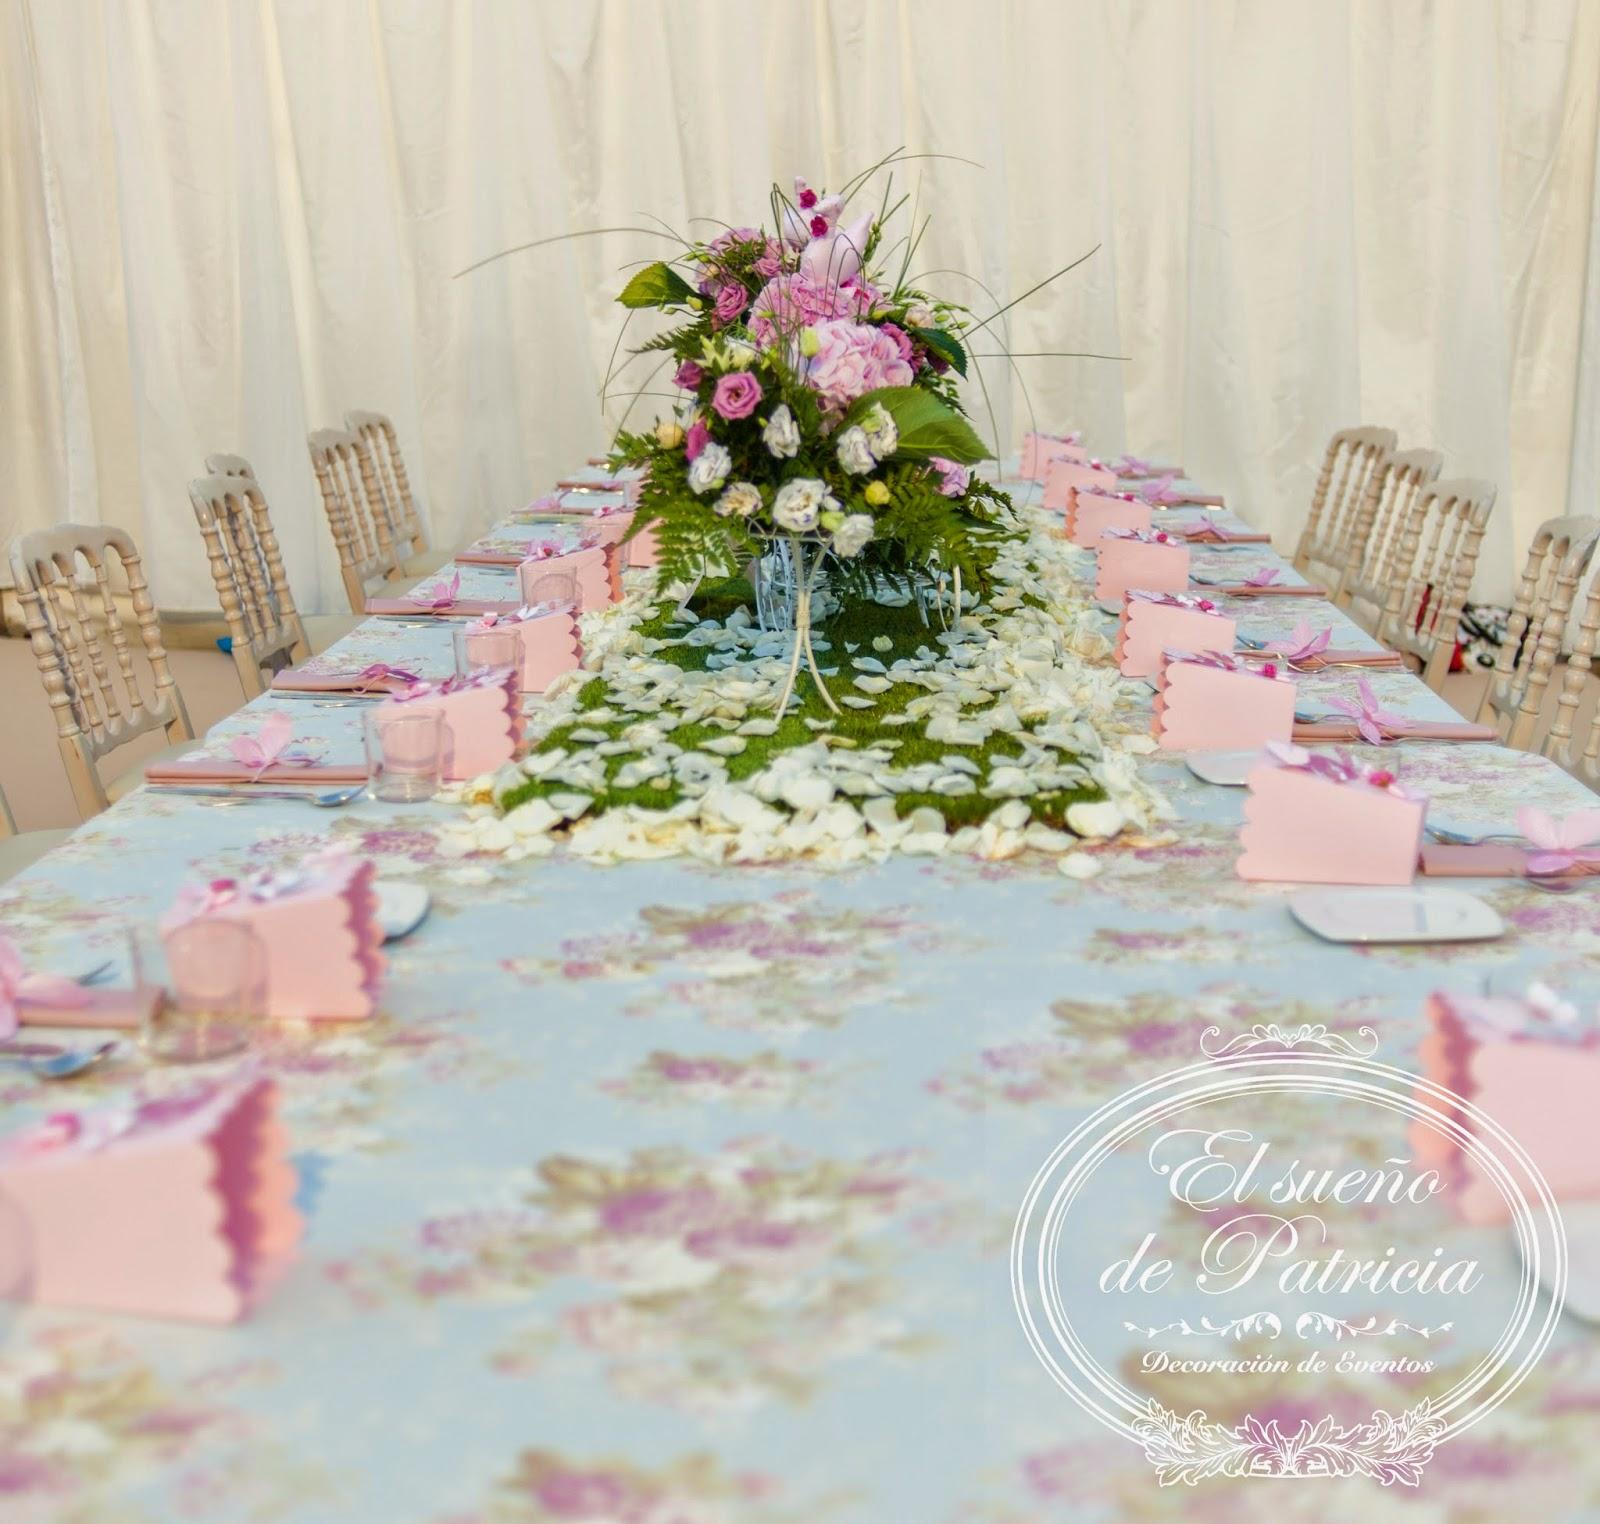 El sue o de patricia eventos una boda rodeada de naturaleza - Adornos con chuches ...